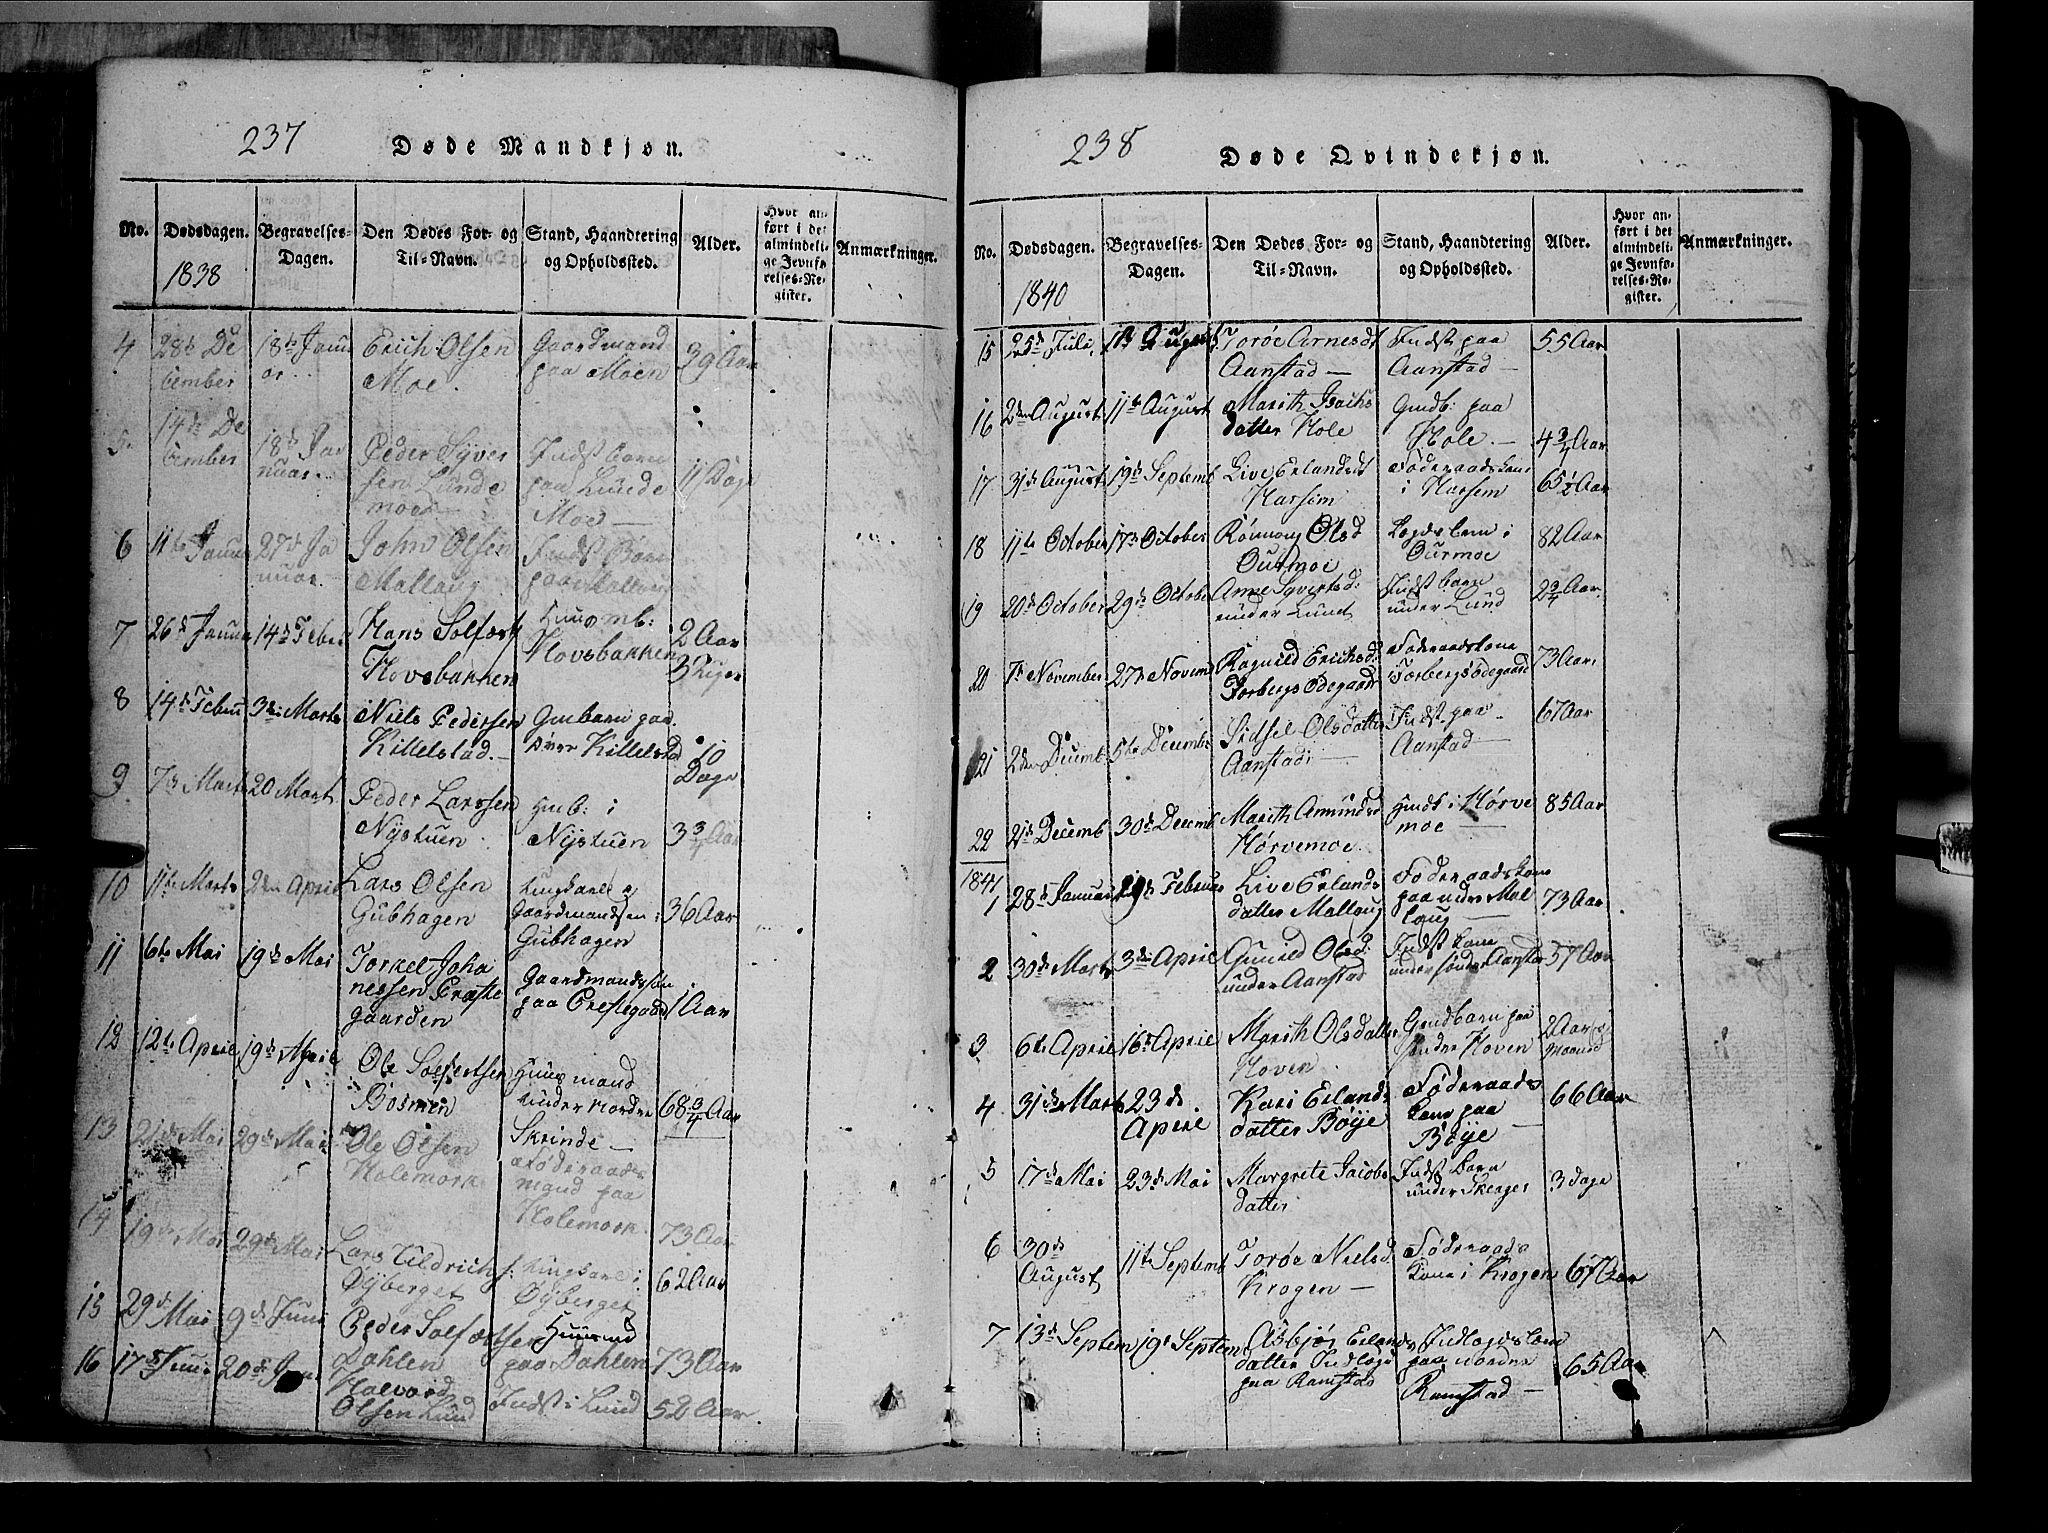 SAH, Lom prestekontor, L/L0003: Klokkerbok nr. 3, 1815-1844, s. 237-238